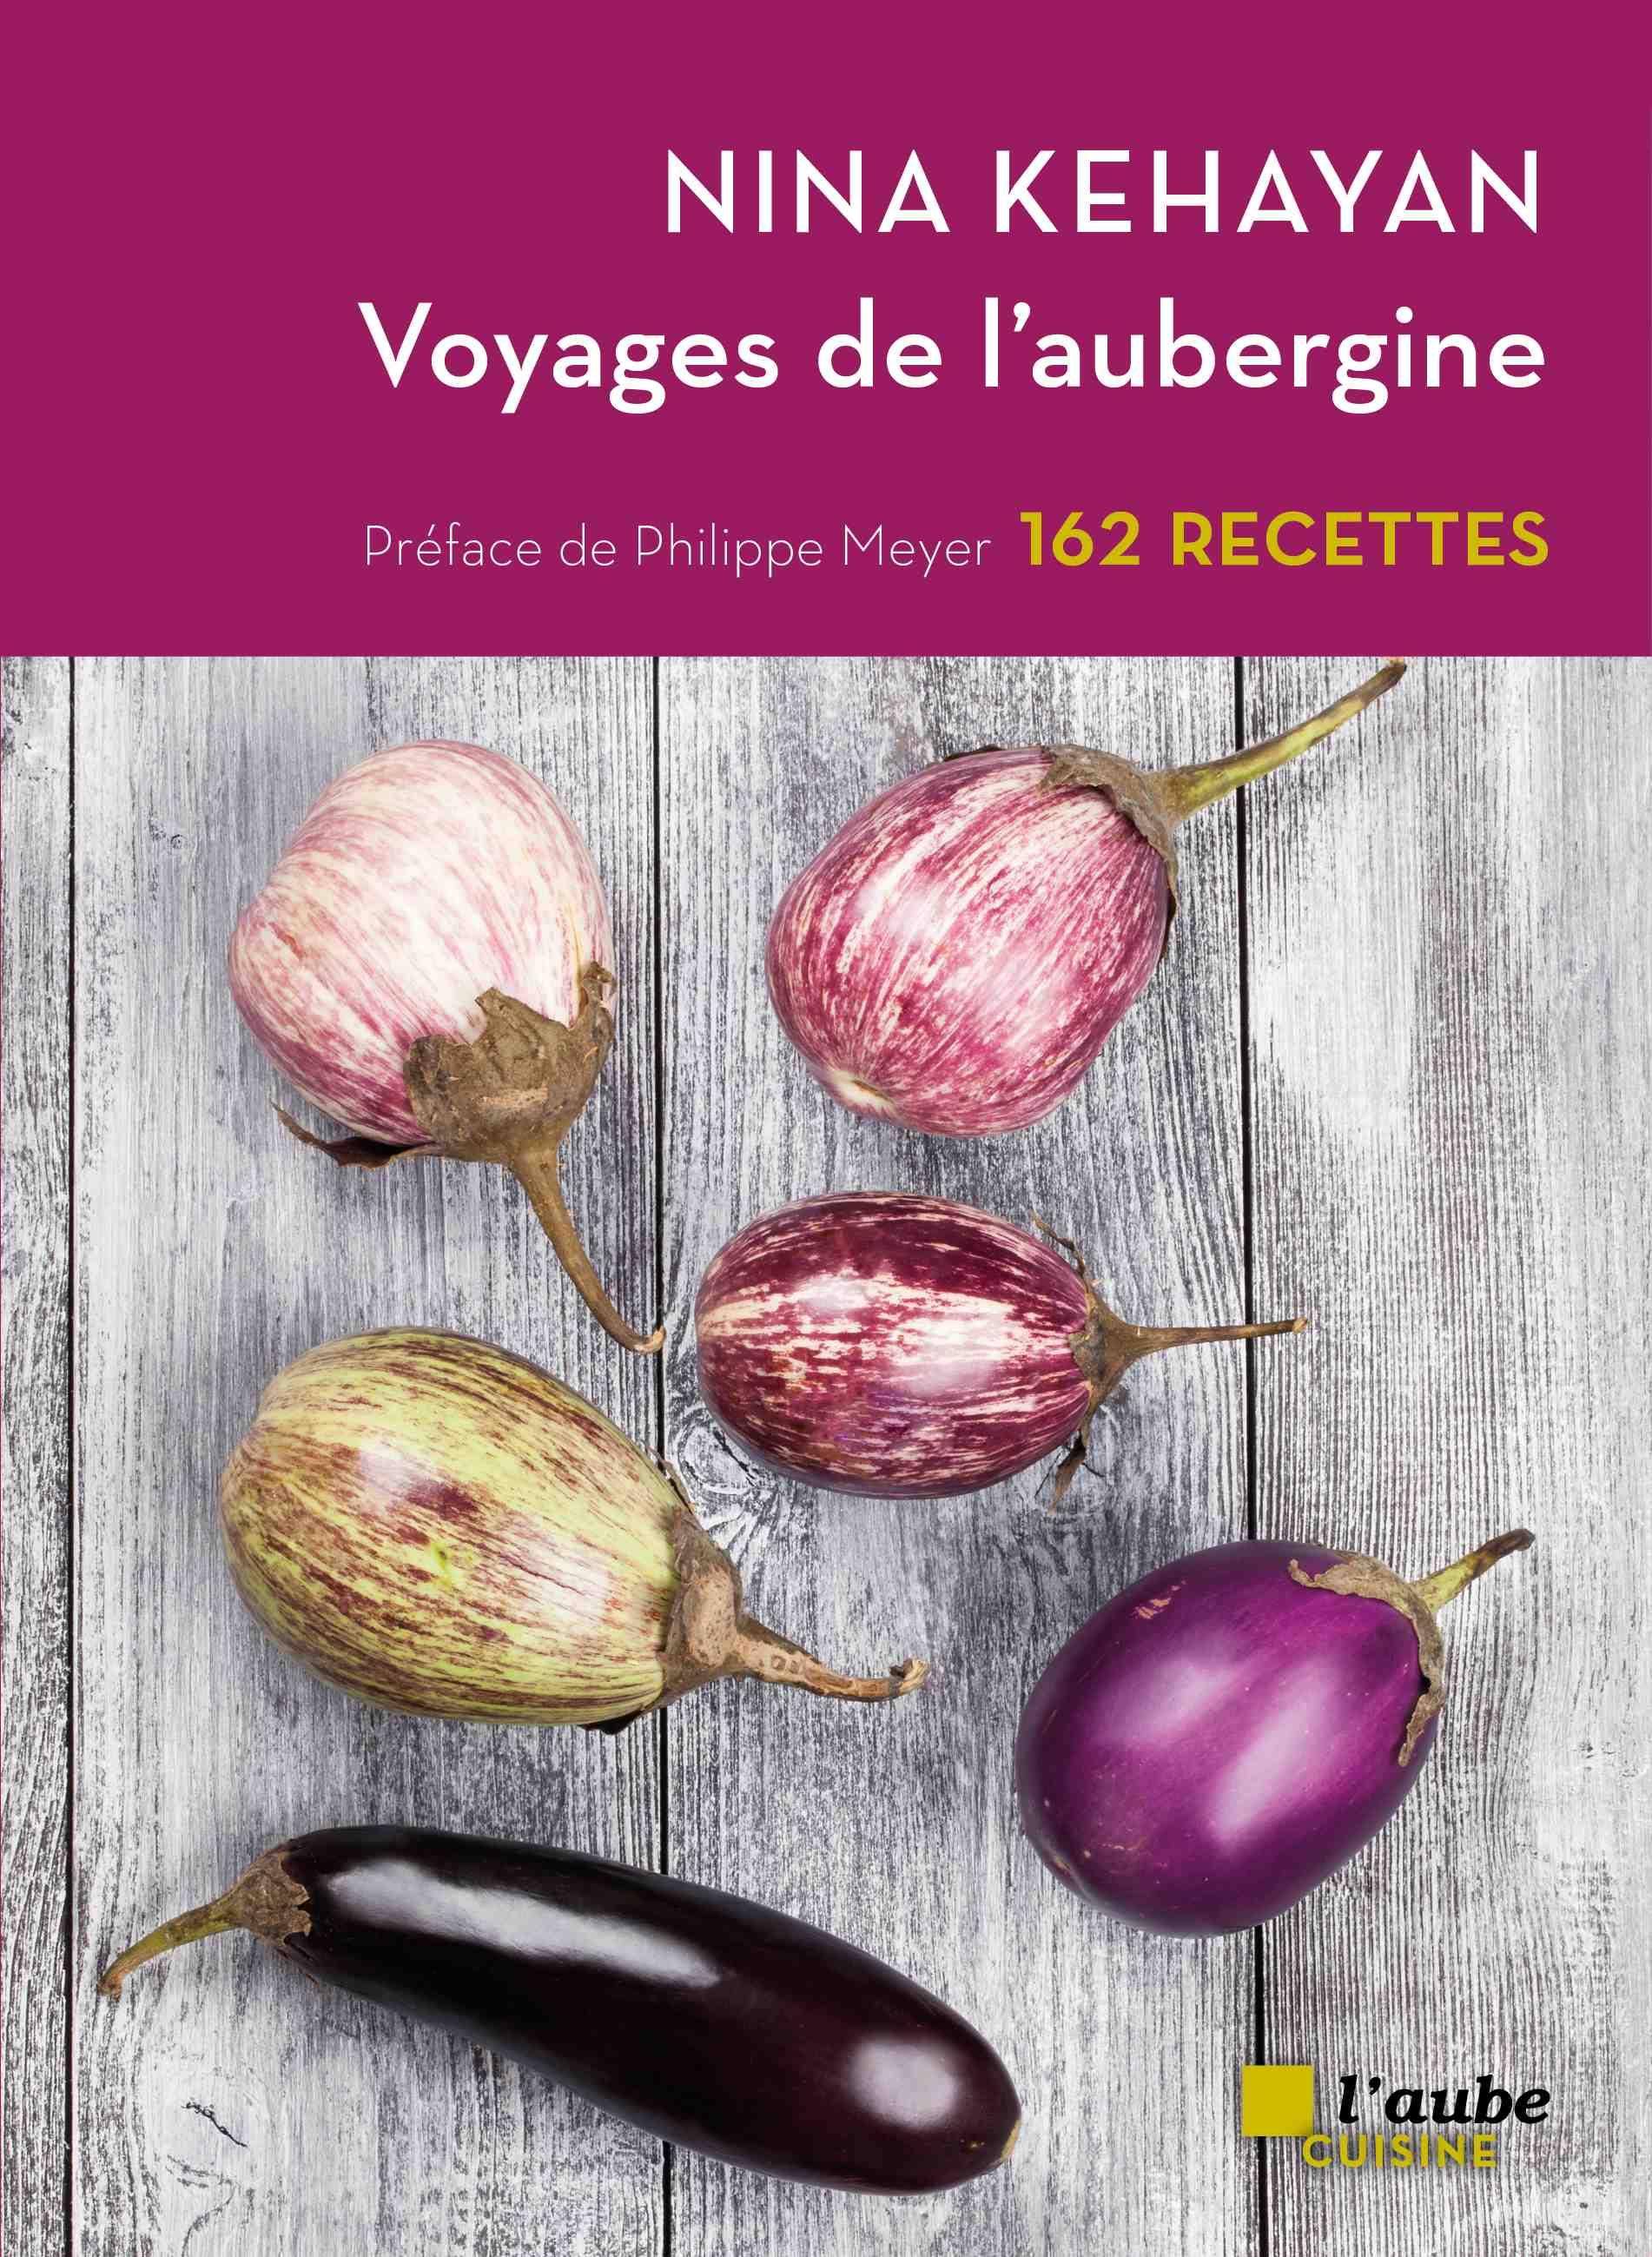 Voyages de l'aubergine